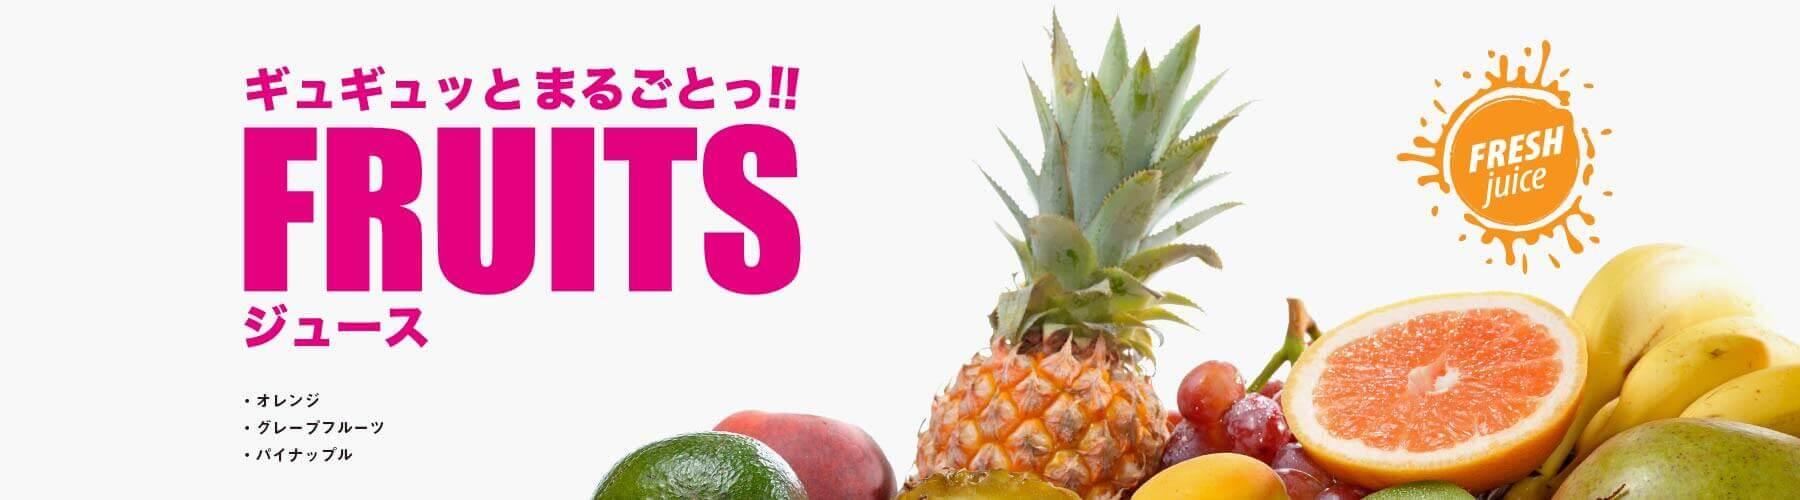 fruits-50